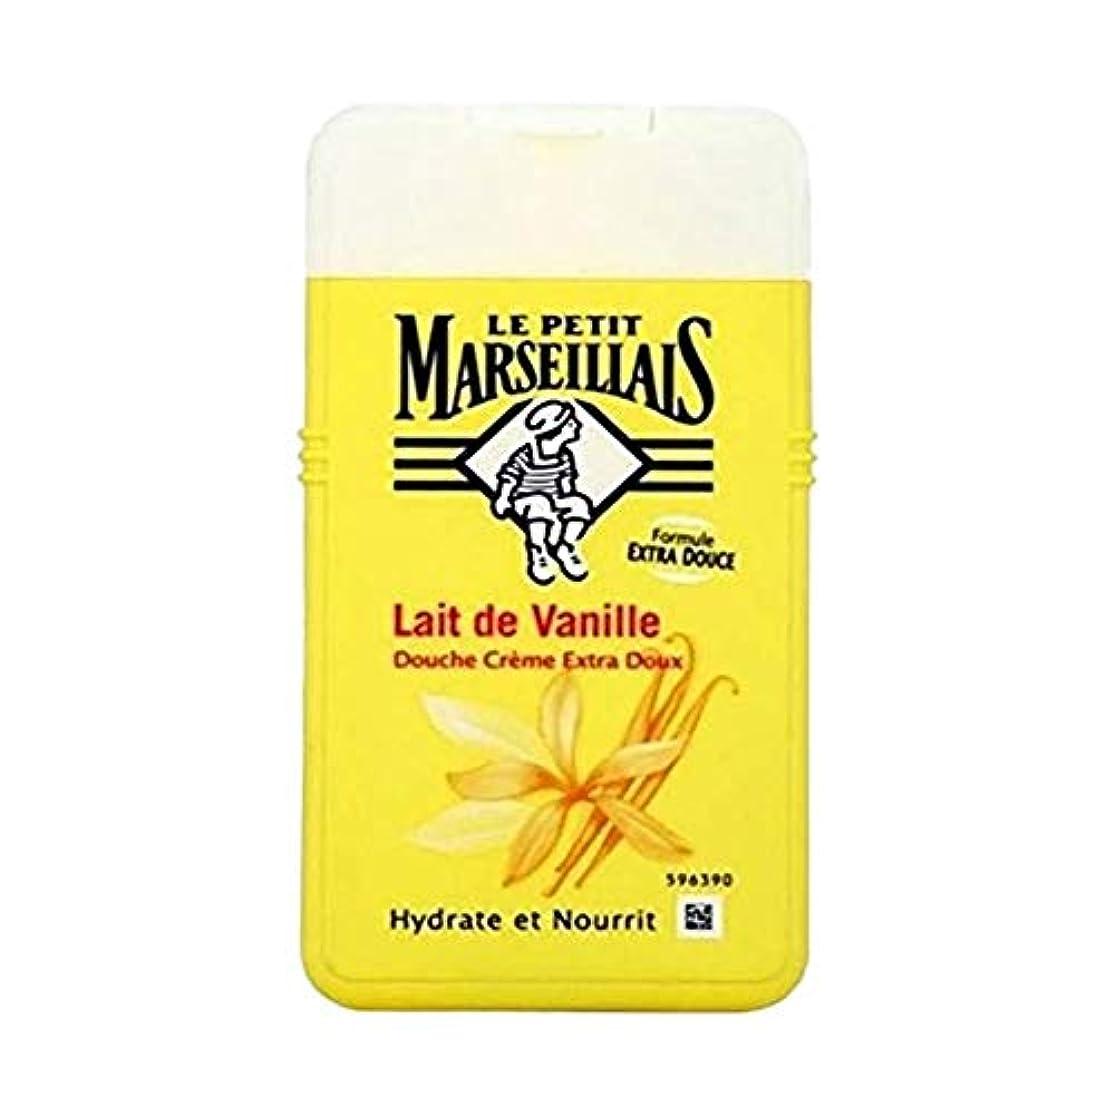 アスペクト明らかにル?プティ?マルセイユ (Le Petit Marseillais) バニラミルク シャワークリーム ボディウォッシュ 250ml